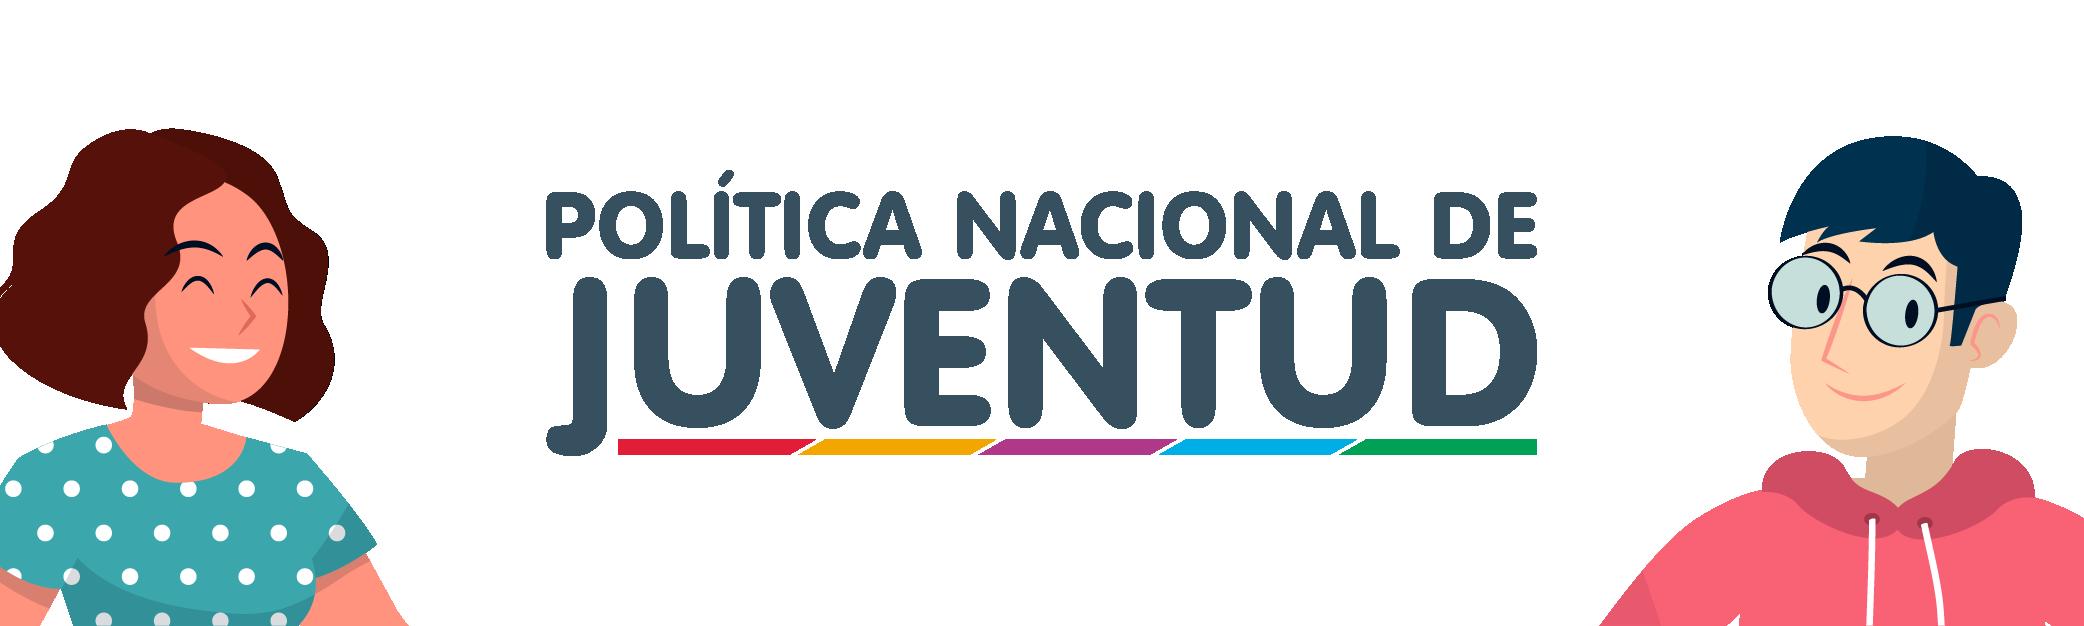 POLÍTICA NACIONAL DE JUVENTUD